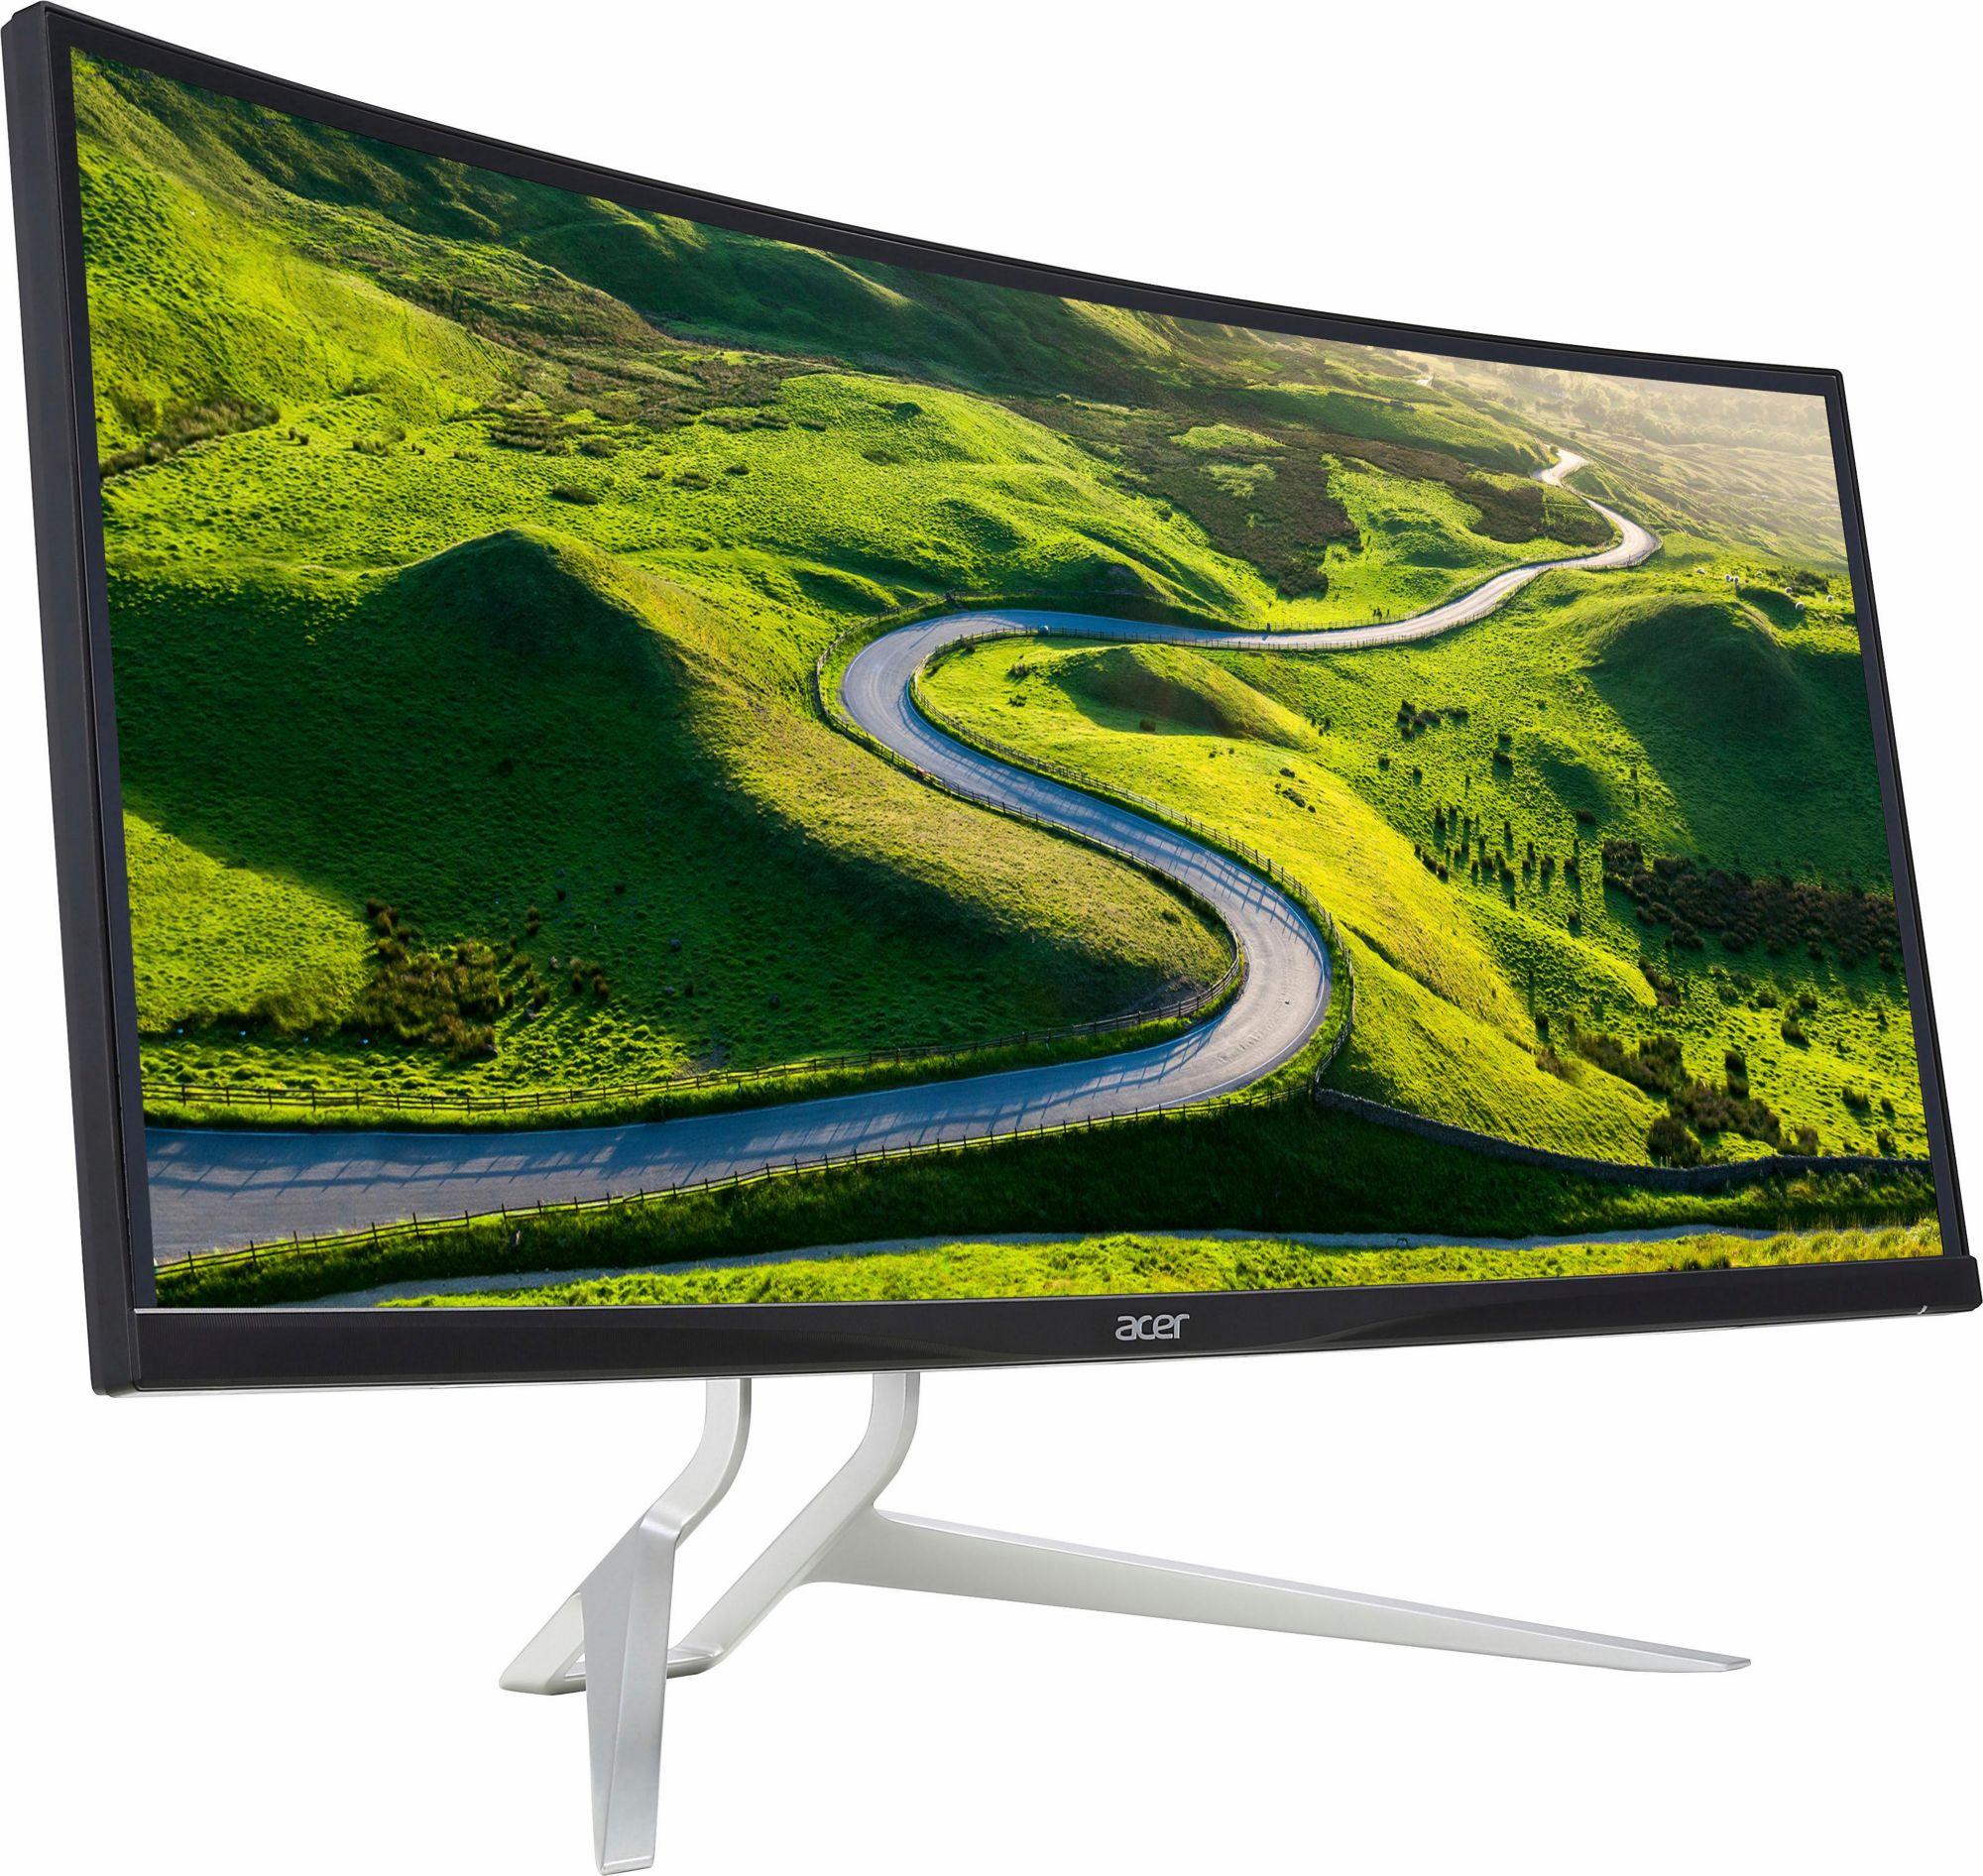 ACER Acer XR342CK LED-Monitor, 86 cm (34 Zoll), 3440 x 1440, 21:9